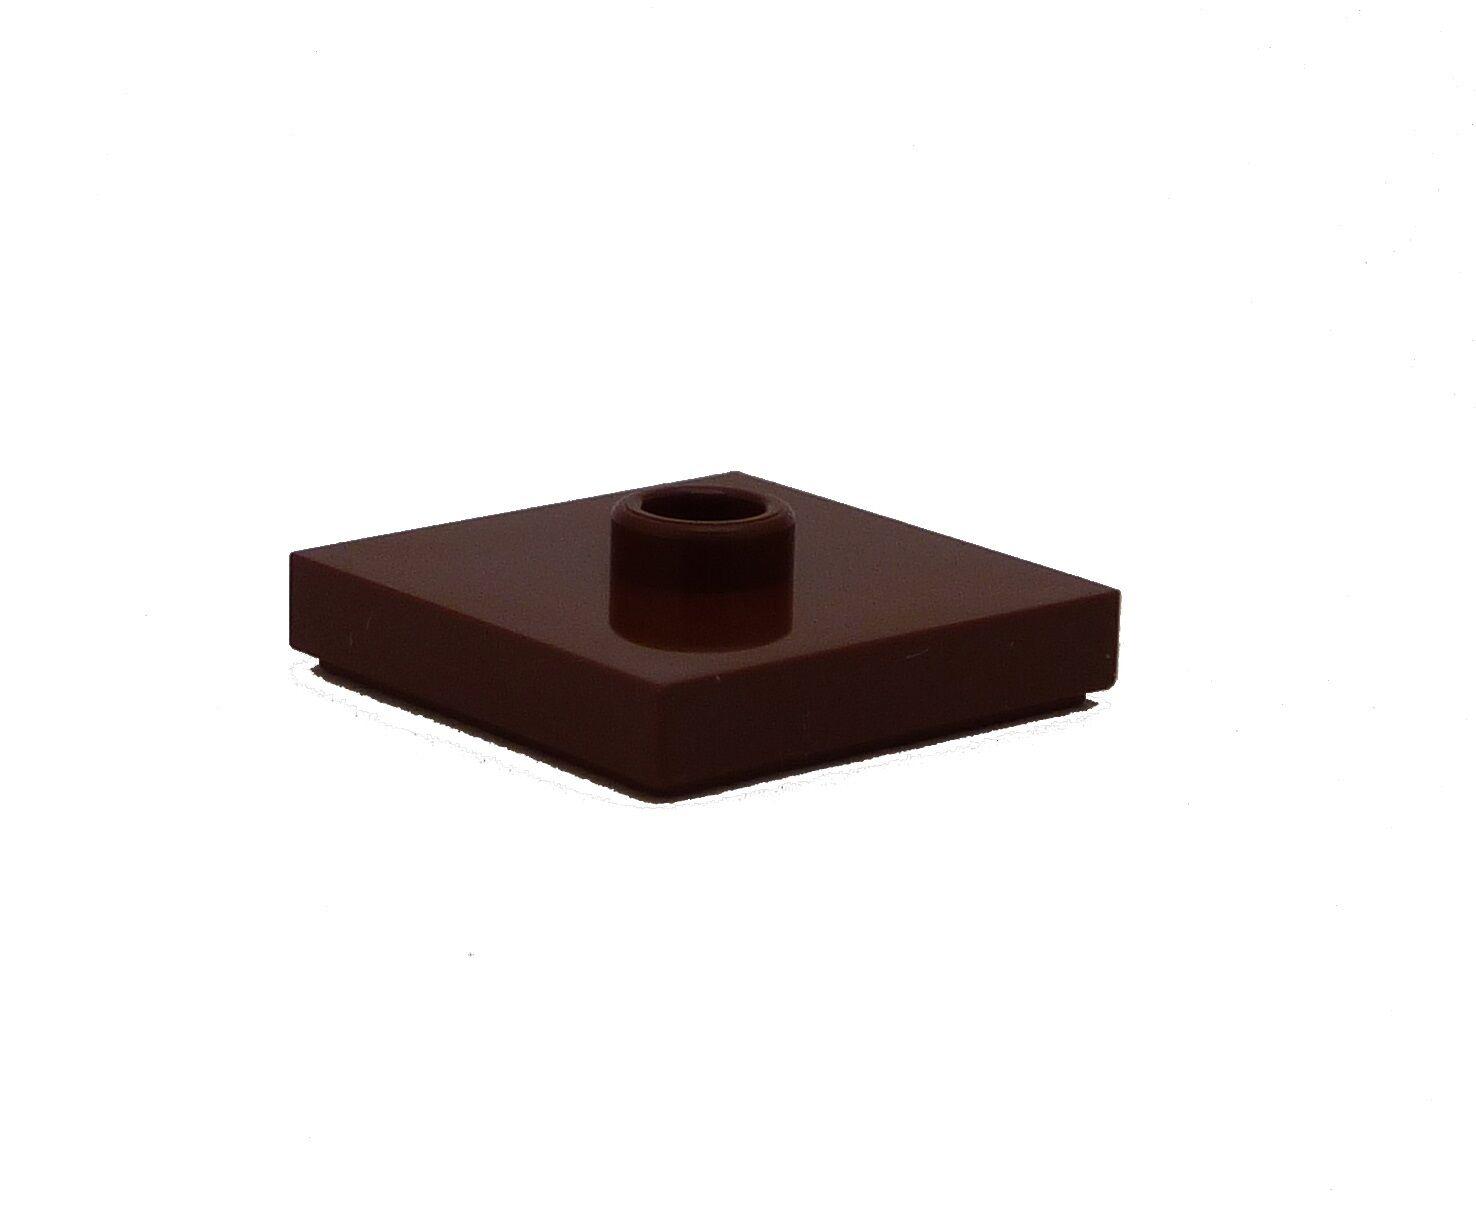 Lego 50x dunkelbraune dark brown Fliese 2x2 Neu Fliesen Kacheln Tile 3068b